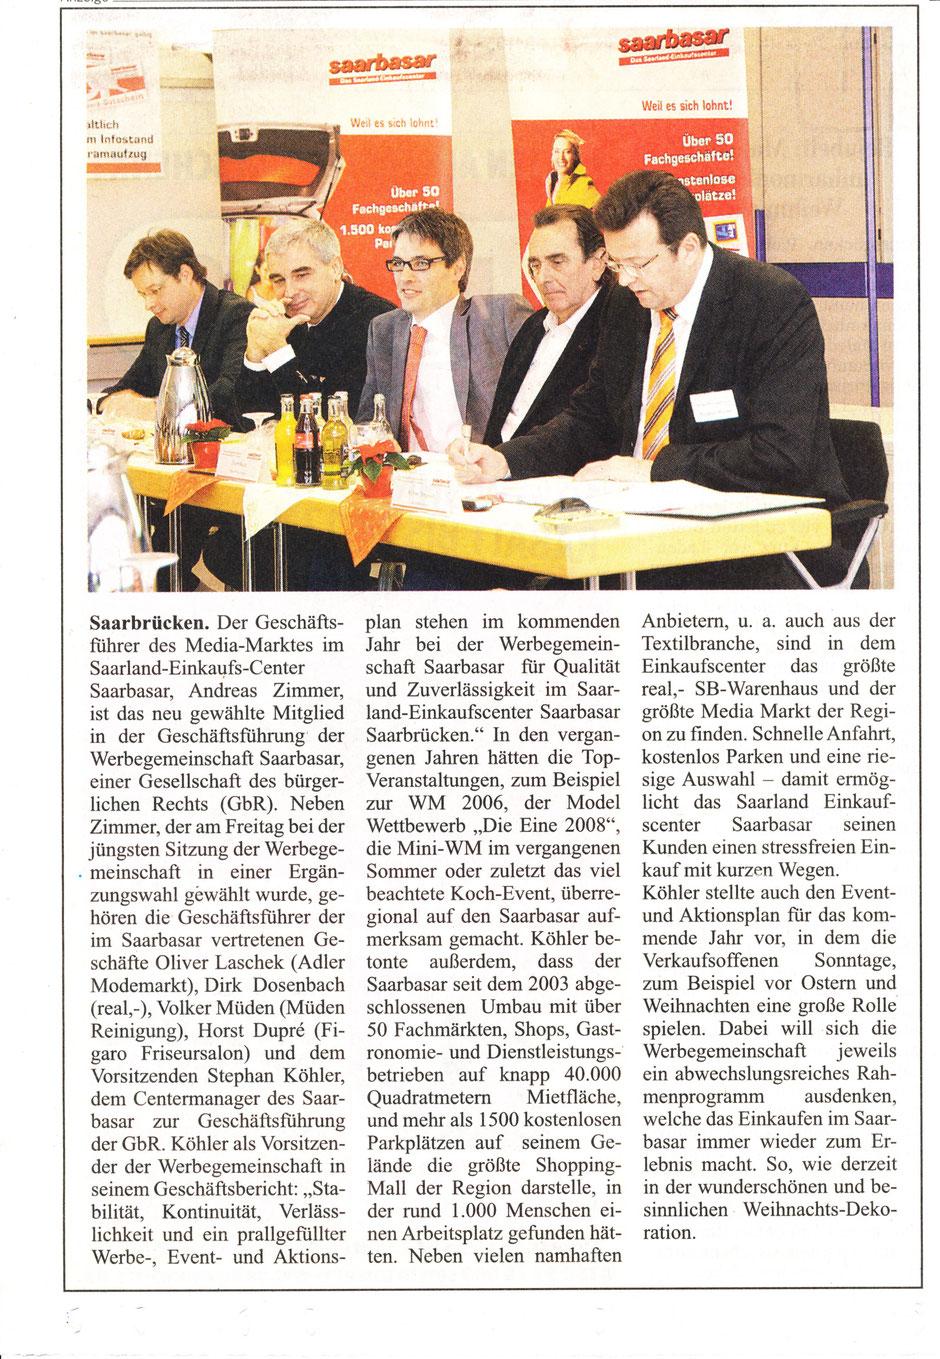 BLOG, Werbegemeinschaft Saarbasar, Geschäftsführer Volker Müden